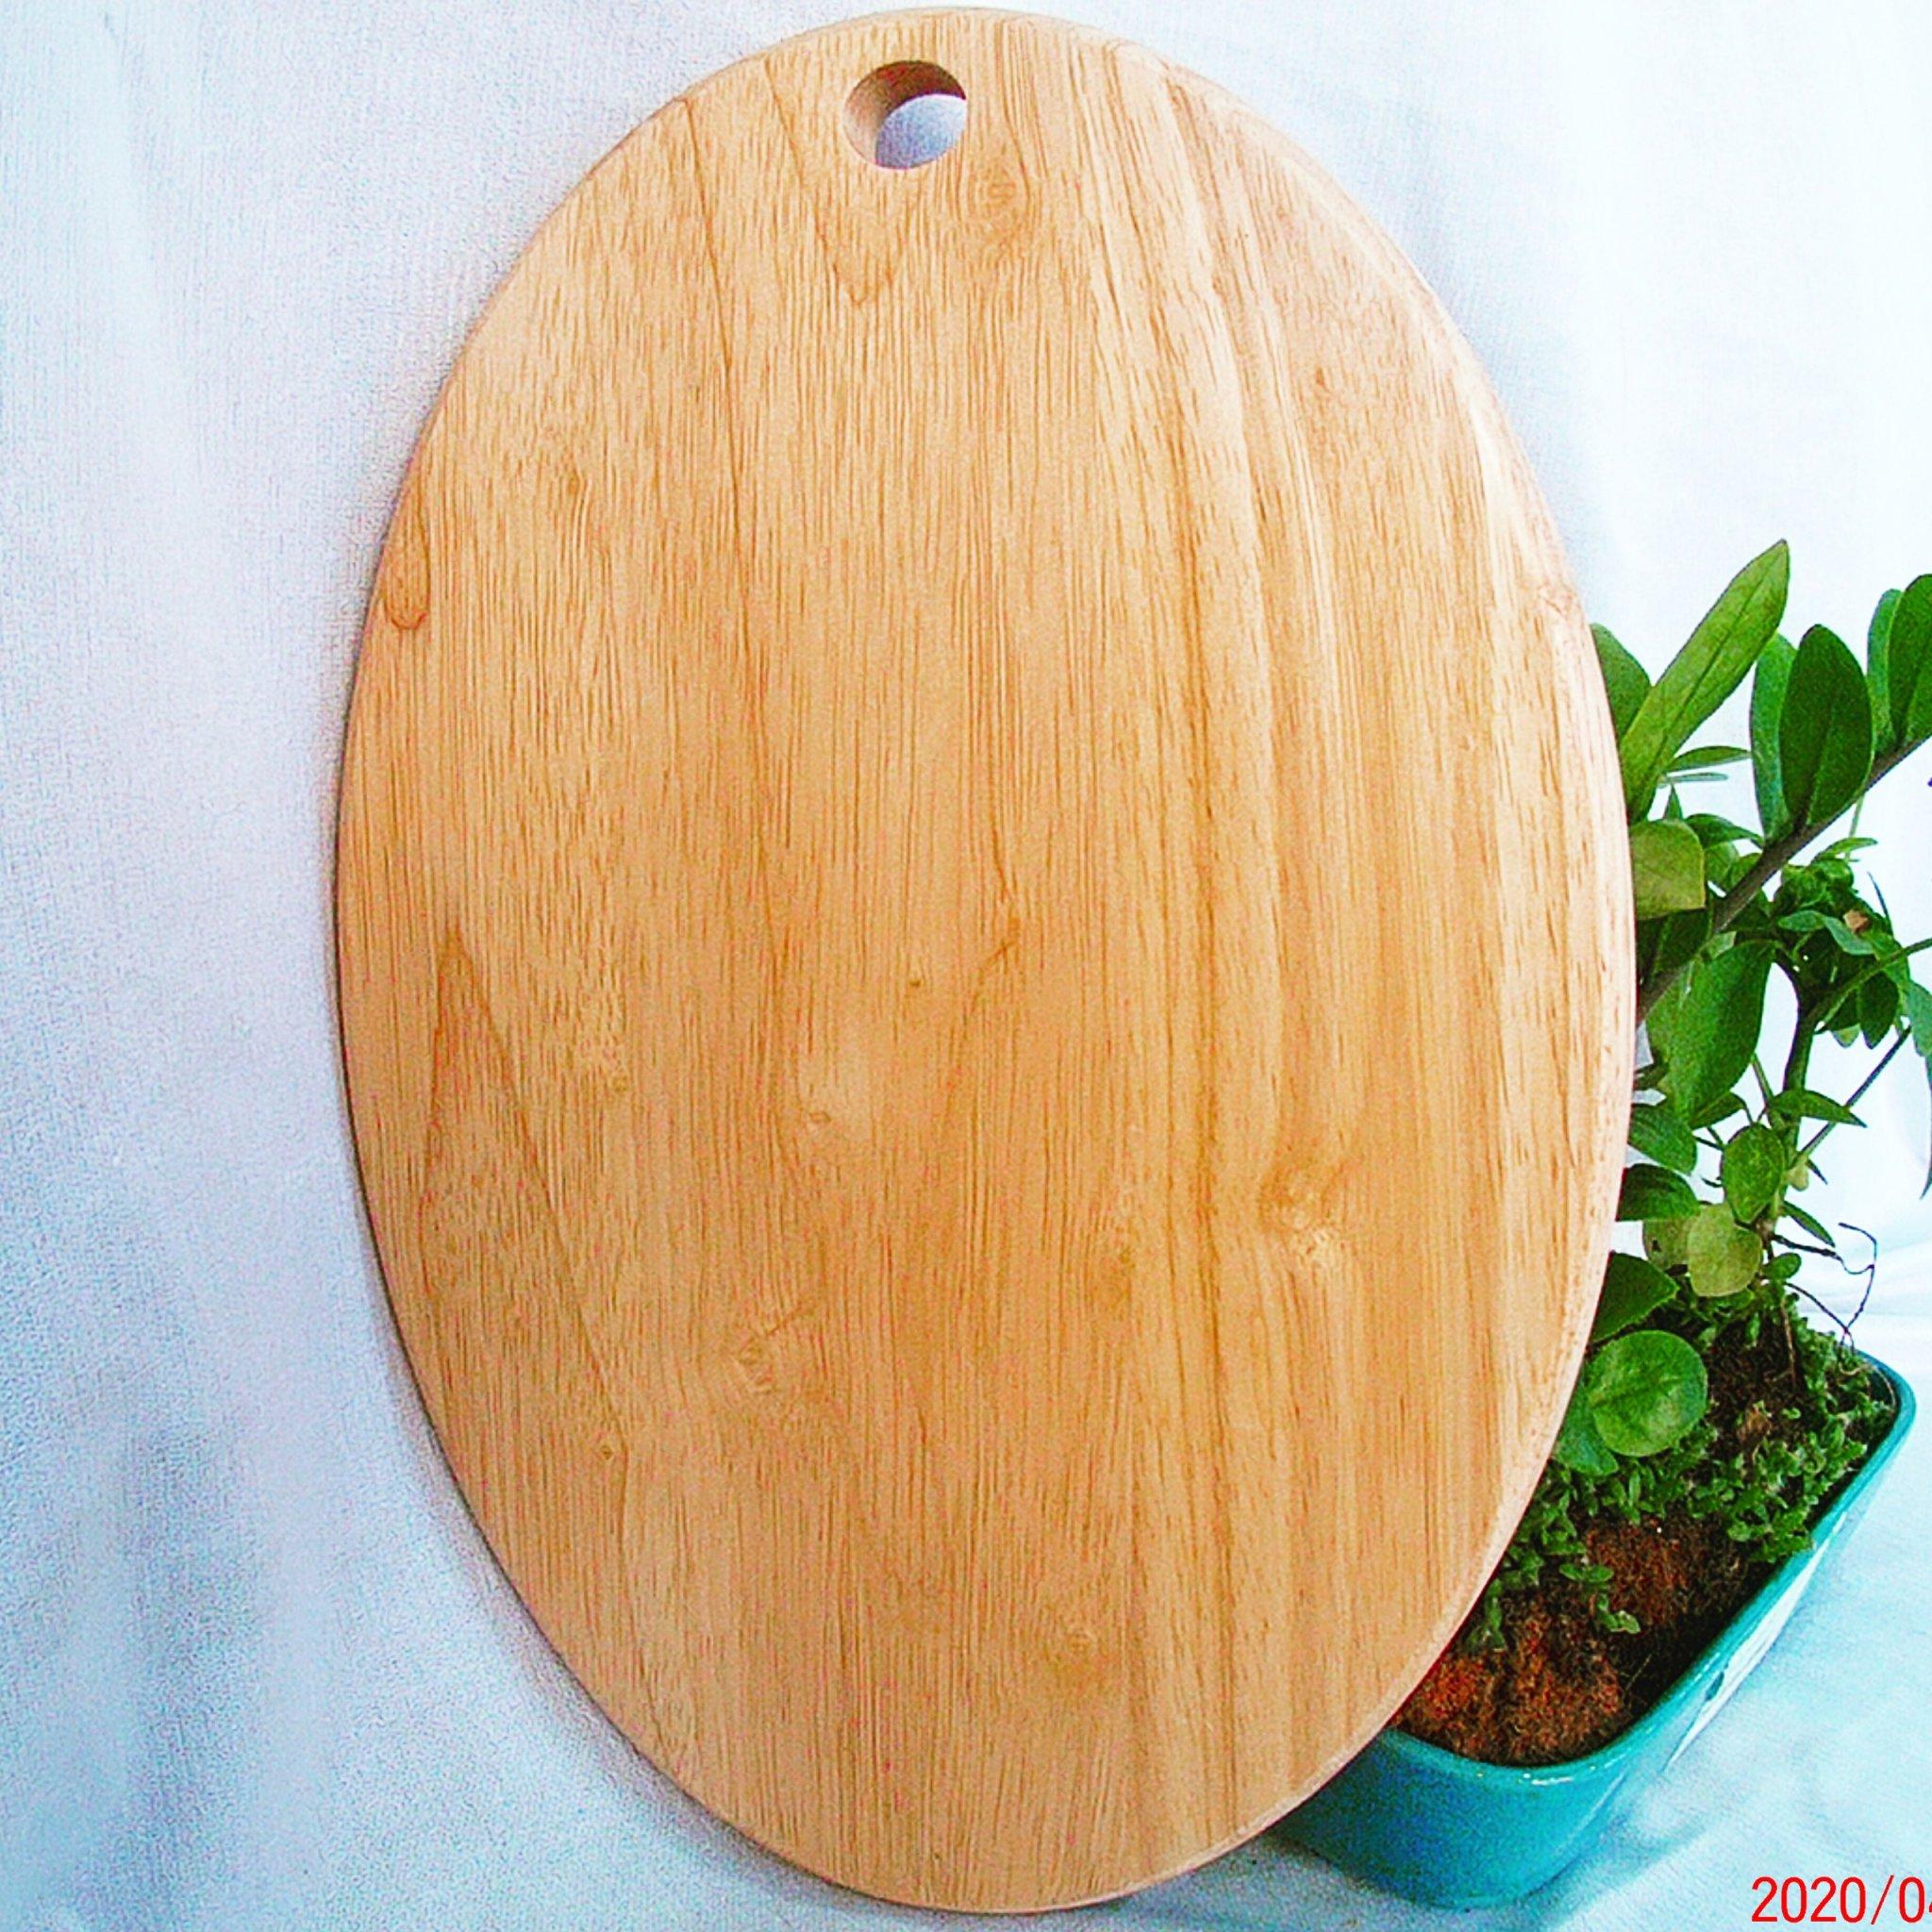 Thớt gỗ hình eclip nhỏ